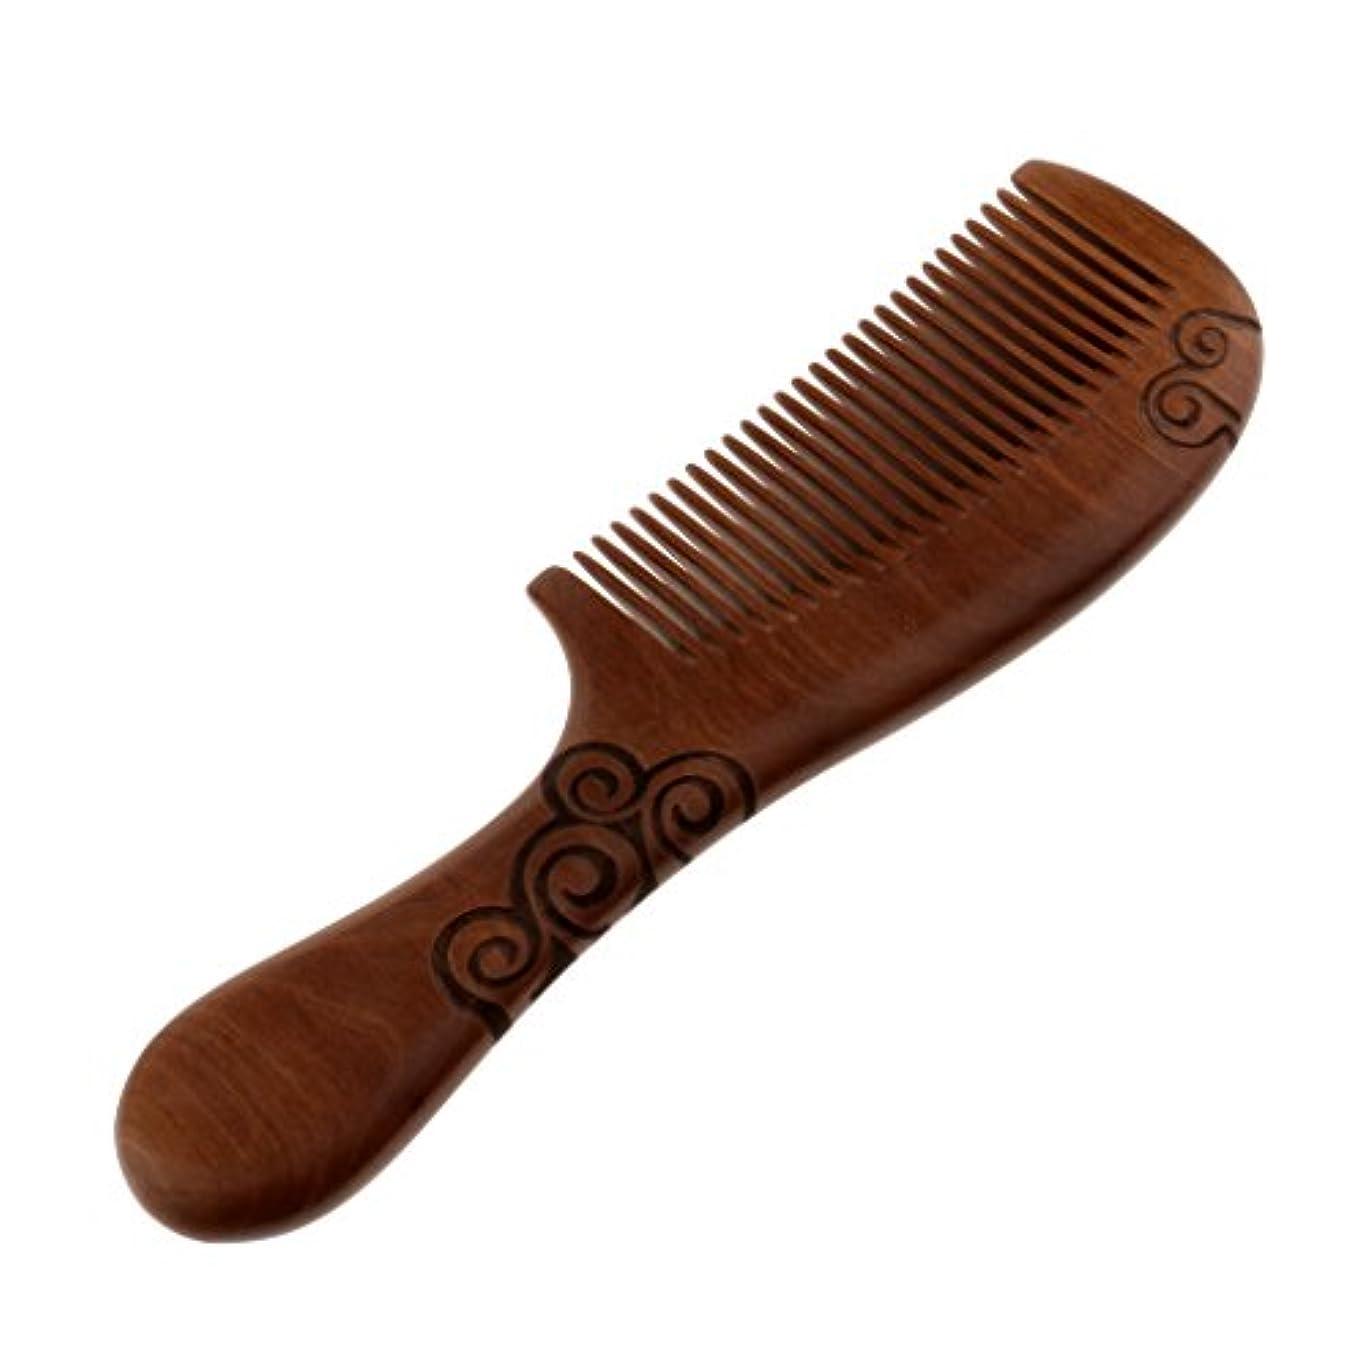 慢な薬を飲むエッセイくし コーム 木製 ヘアコーム 櫛 コーム サンダルウッド製 帯電防止 頭皮マッサージ